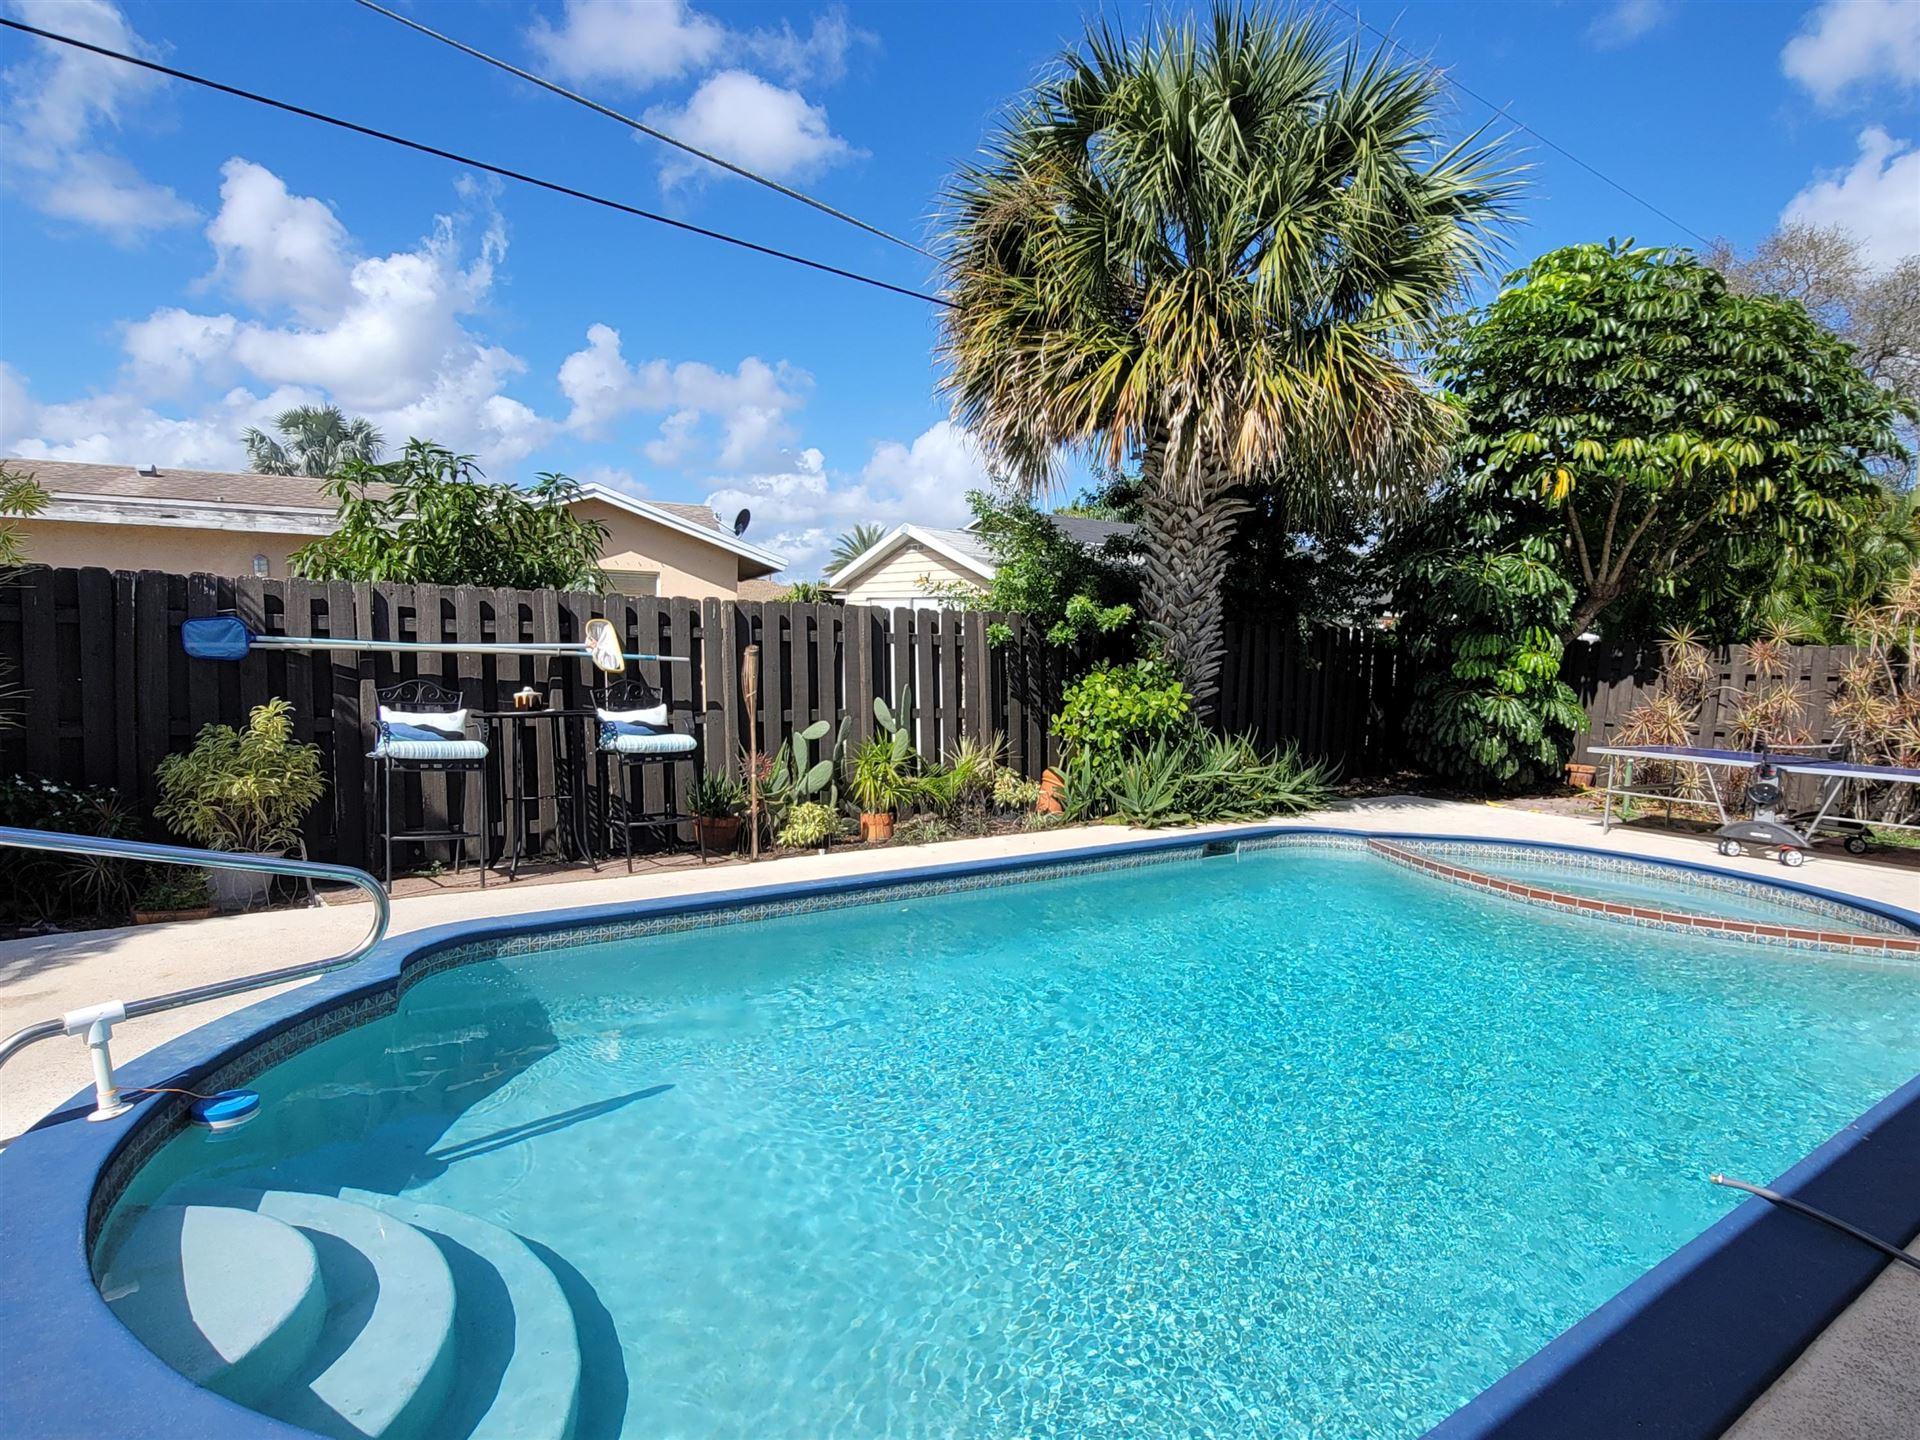 Photo of 181 SW 32nd Avenue, Deerfield Beach, FL 33442 (MLS # RX-10691737)